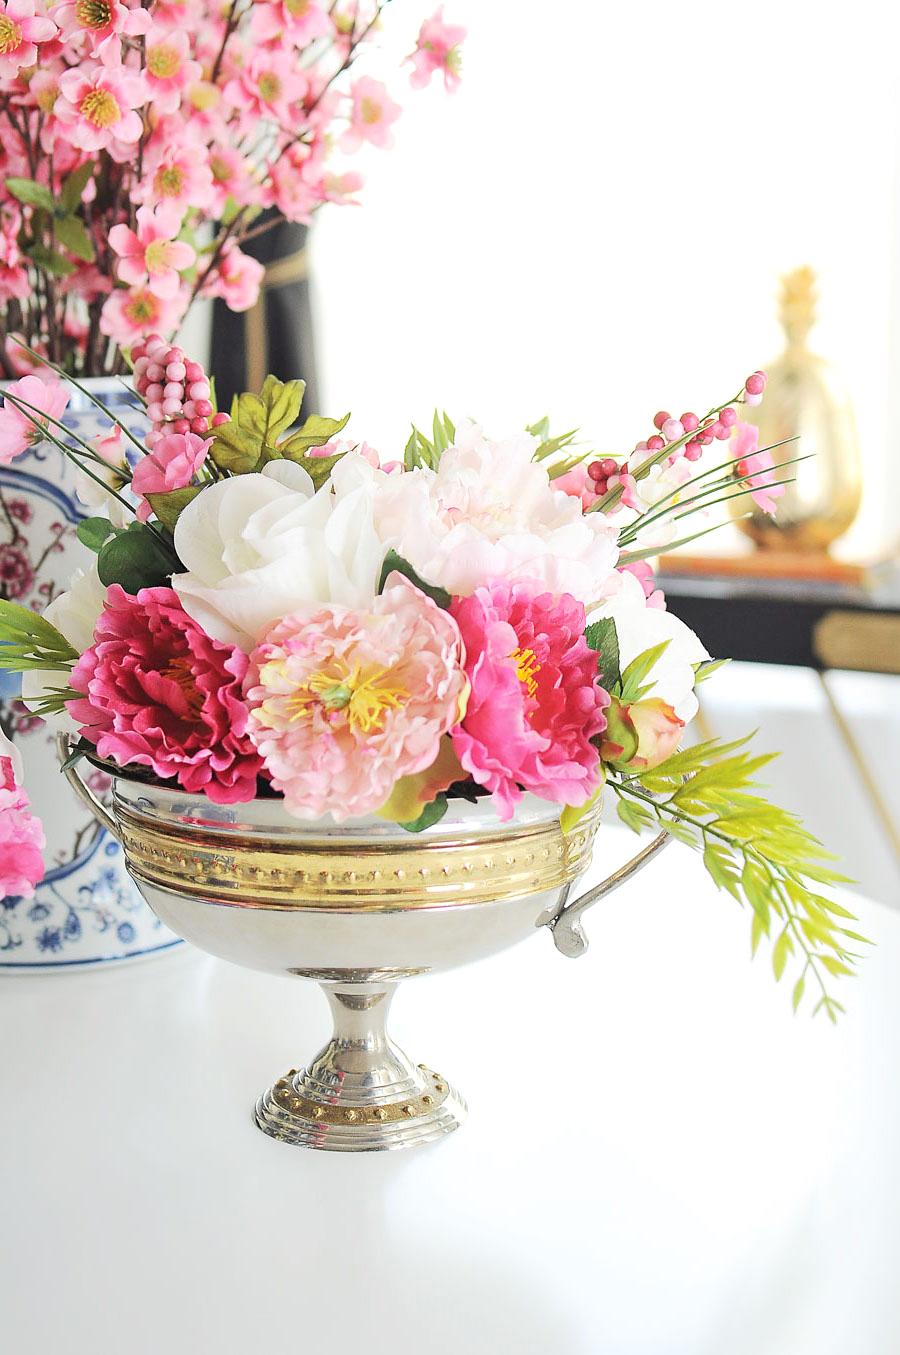 decoracion mesa con flores, preciosas ideas de centros de mesa caseros, flores en blanco y rosado